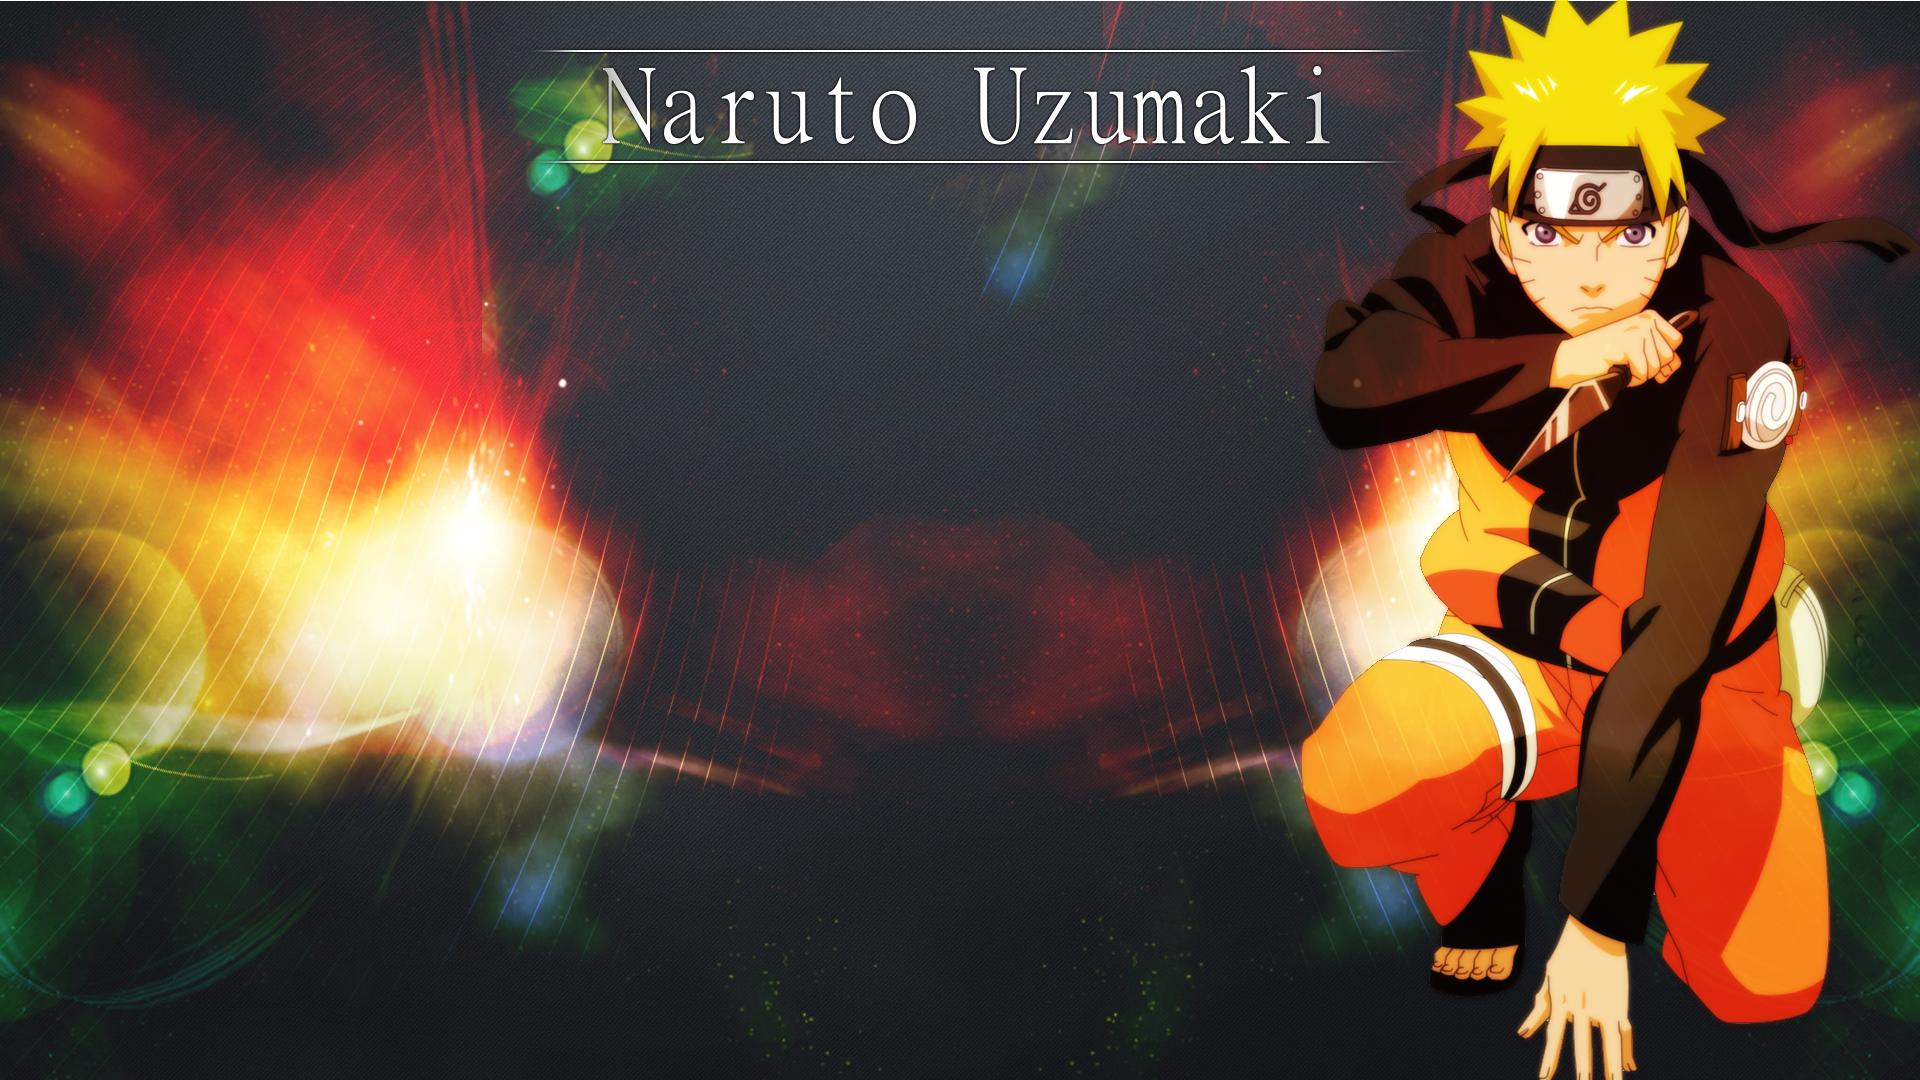 Naruto Uzumaki 1920x1080 Wallpaper by xSoraKurosaki on 1920x1080